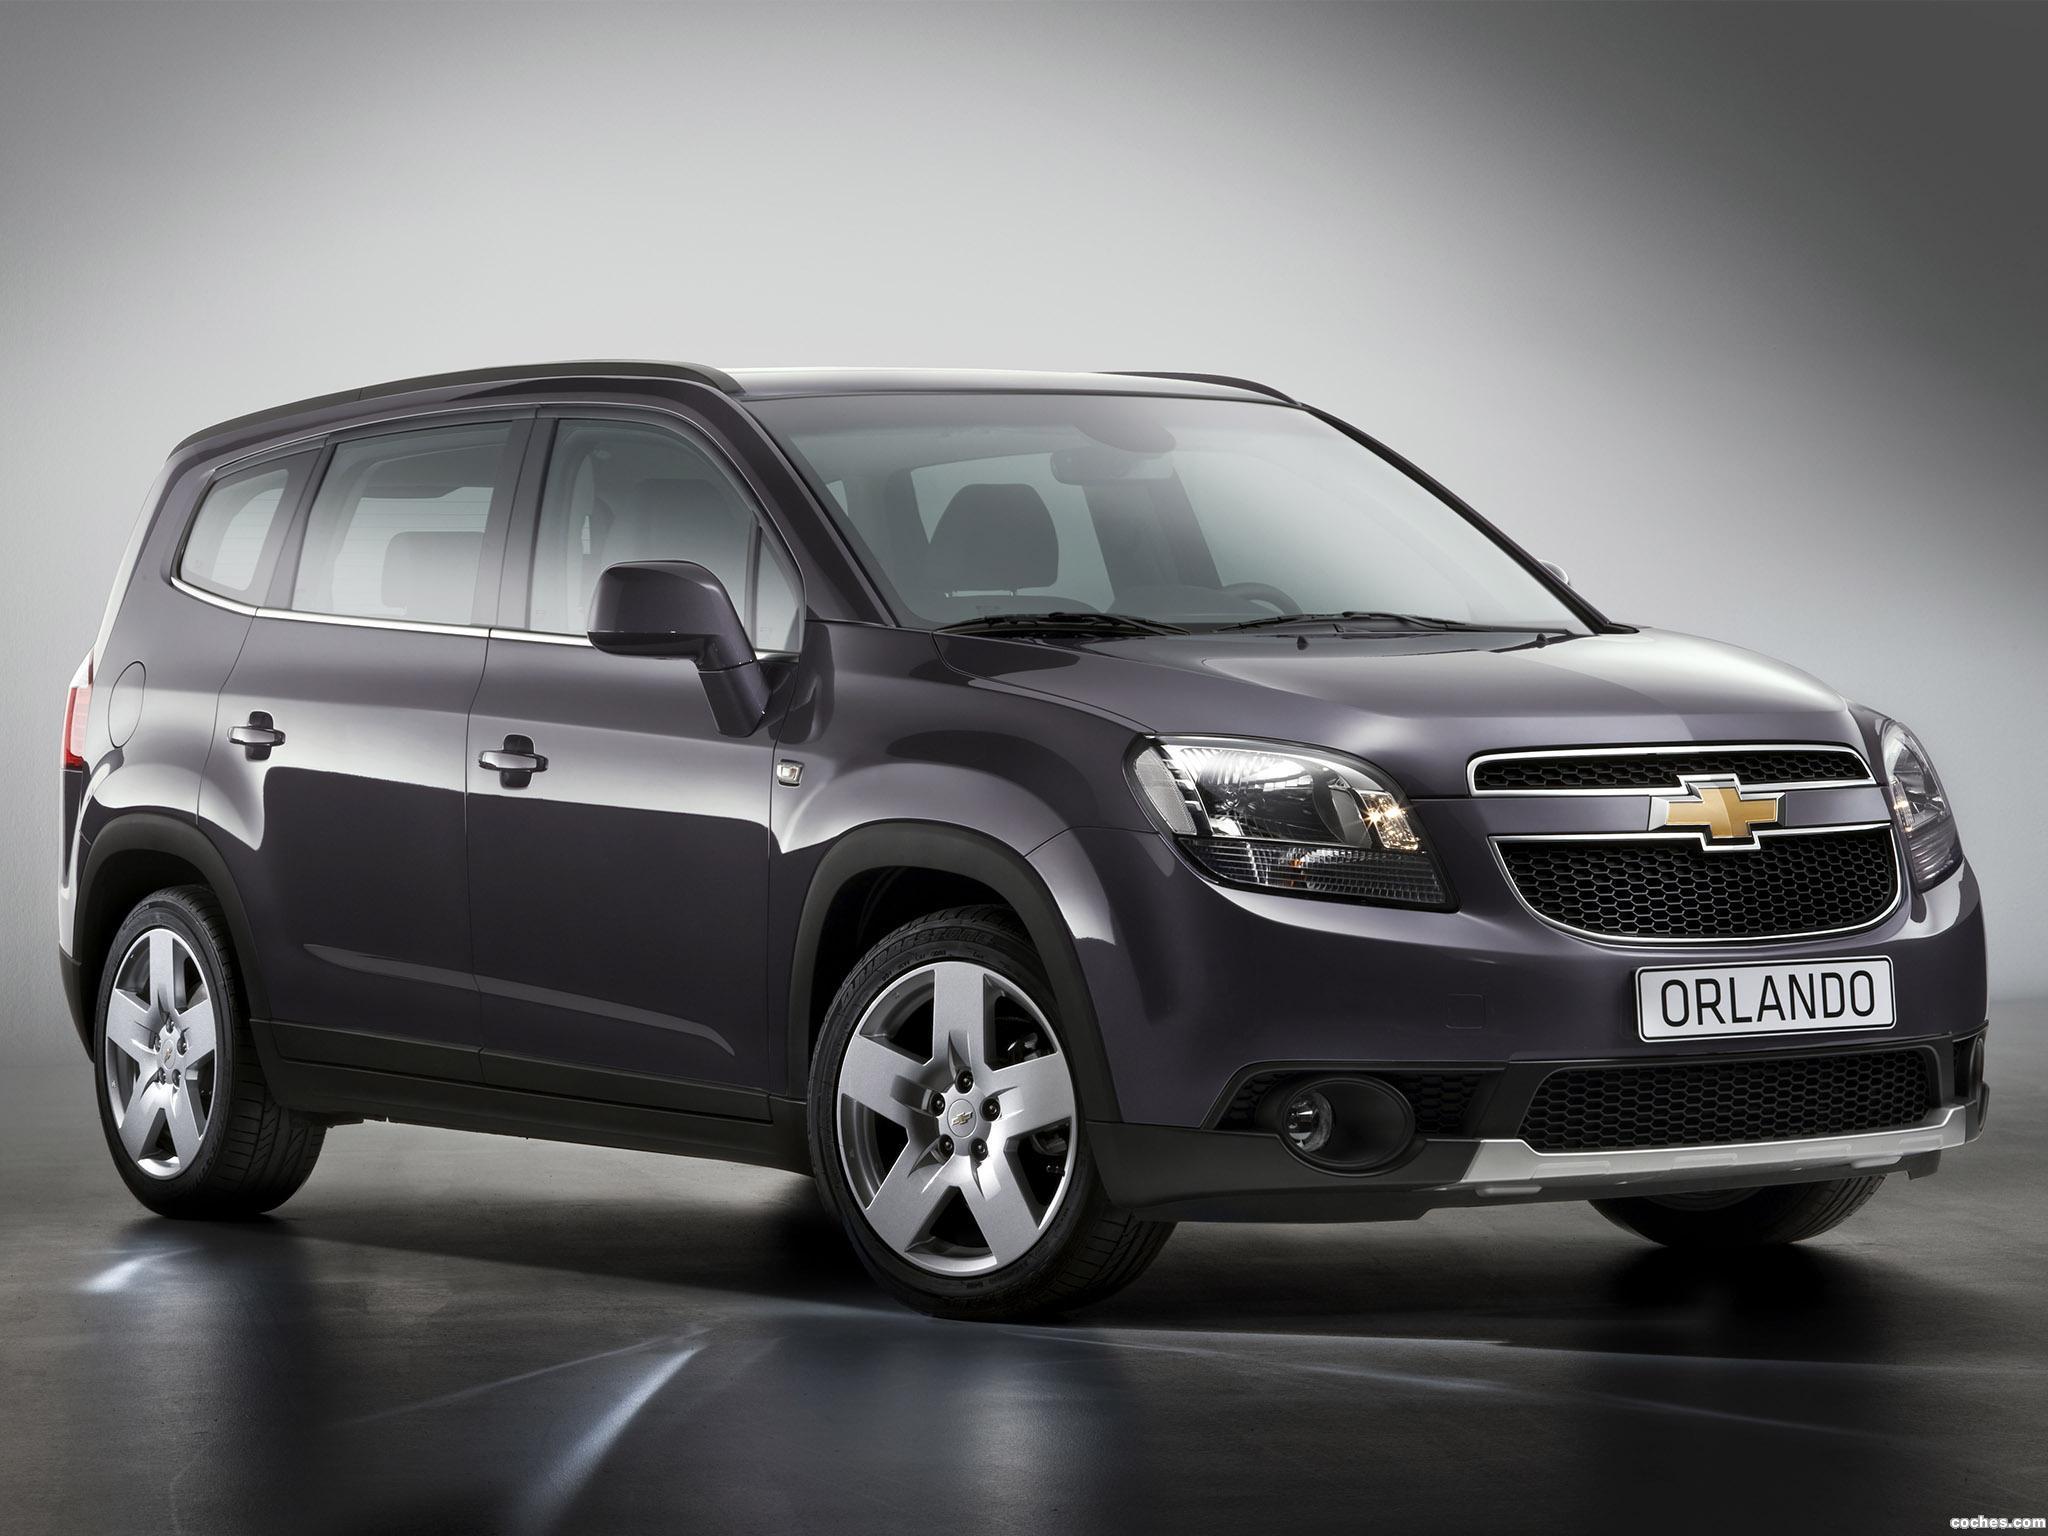 Foto 0 de Chevrolet Orlando 2011